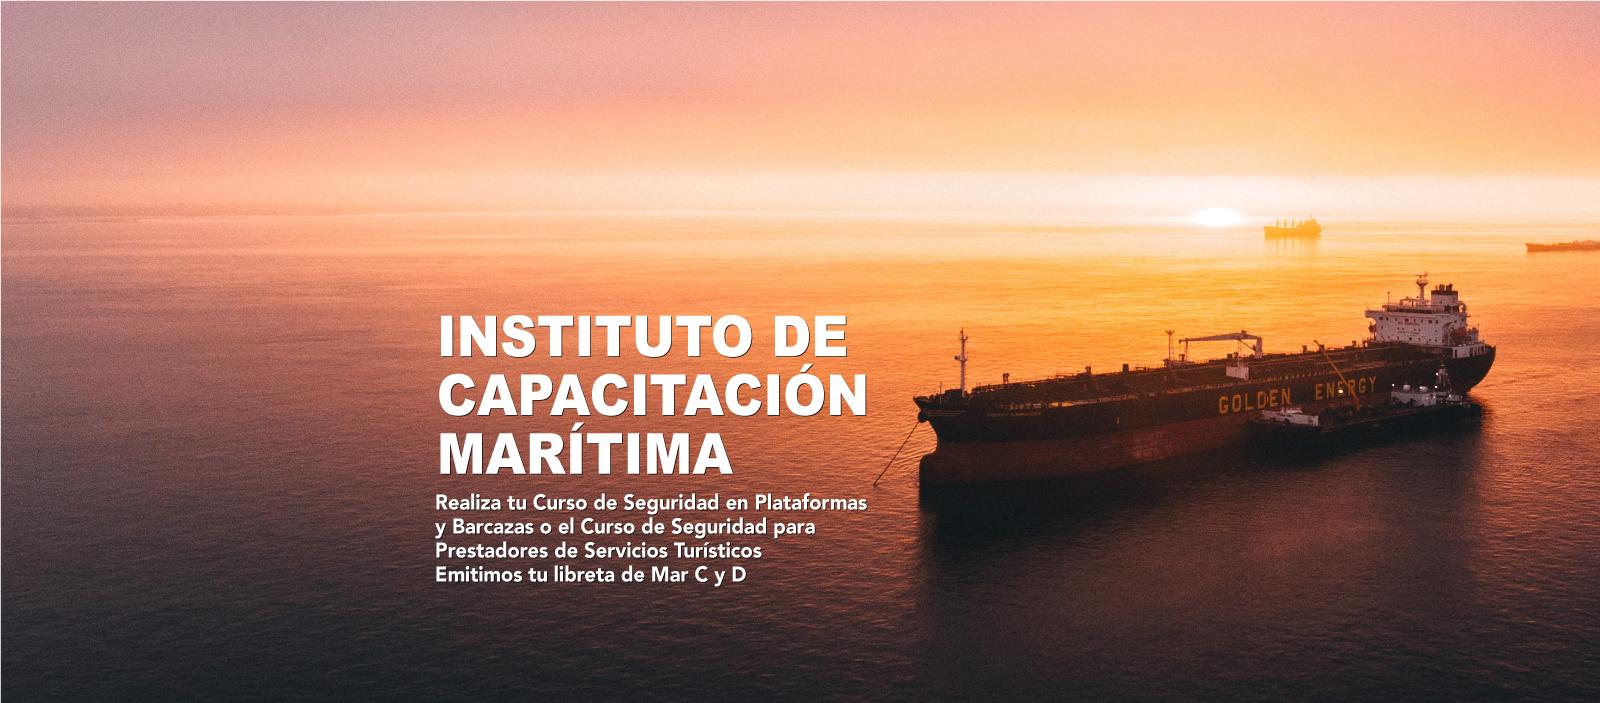 Instituto-de-Capacitación-Marítima